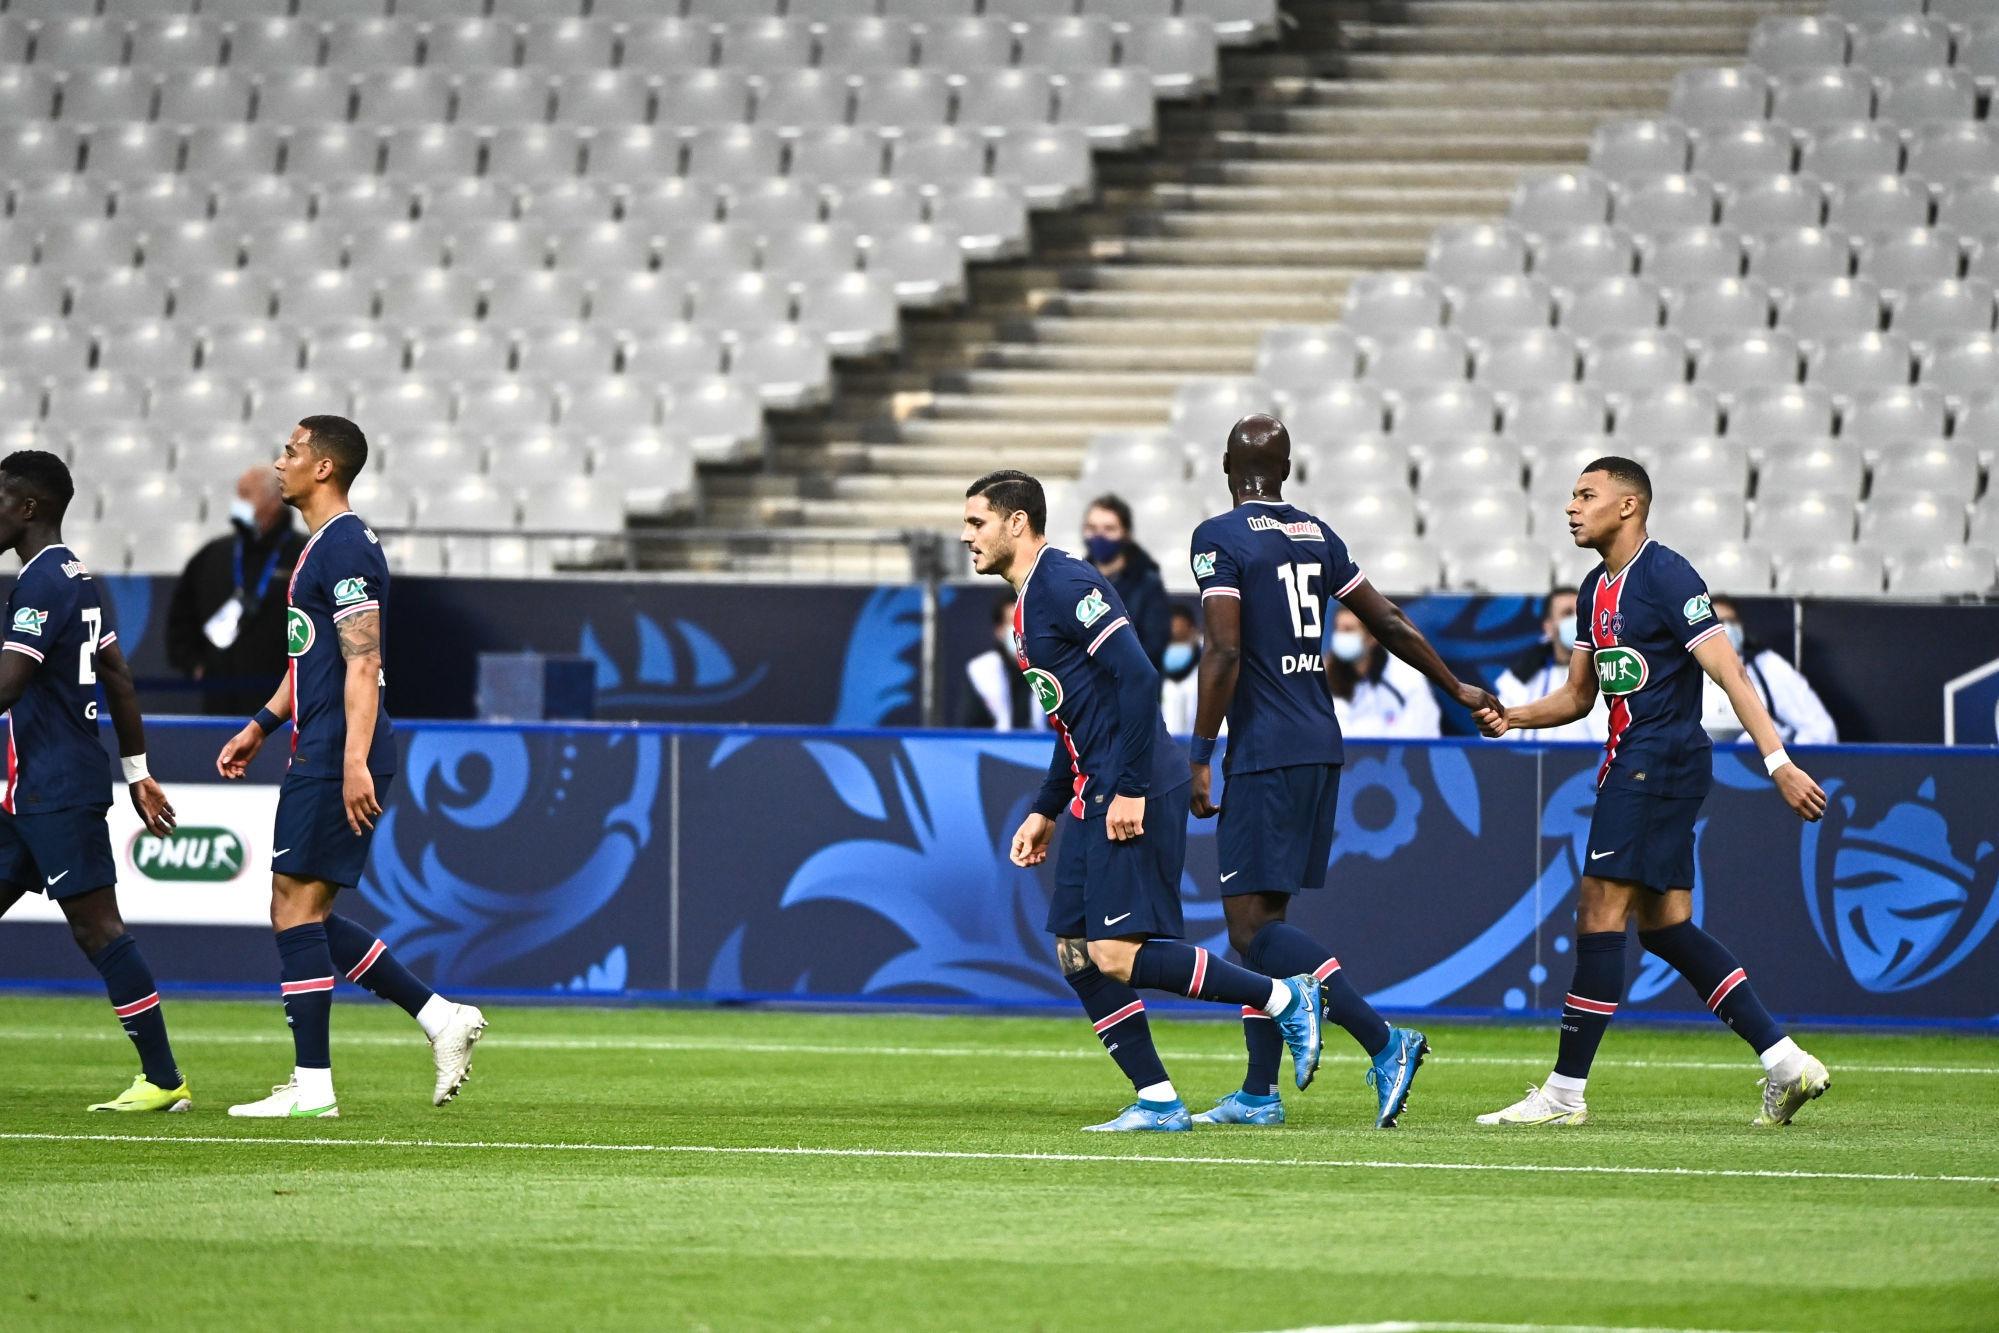 Résumé Monaco/PSG (0-2) - La vidéo des buts et des temps forts du match